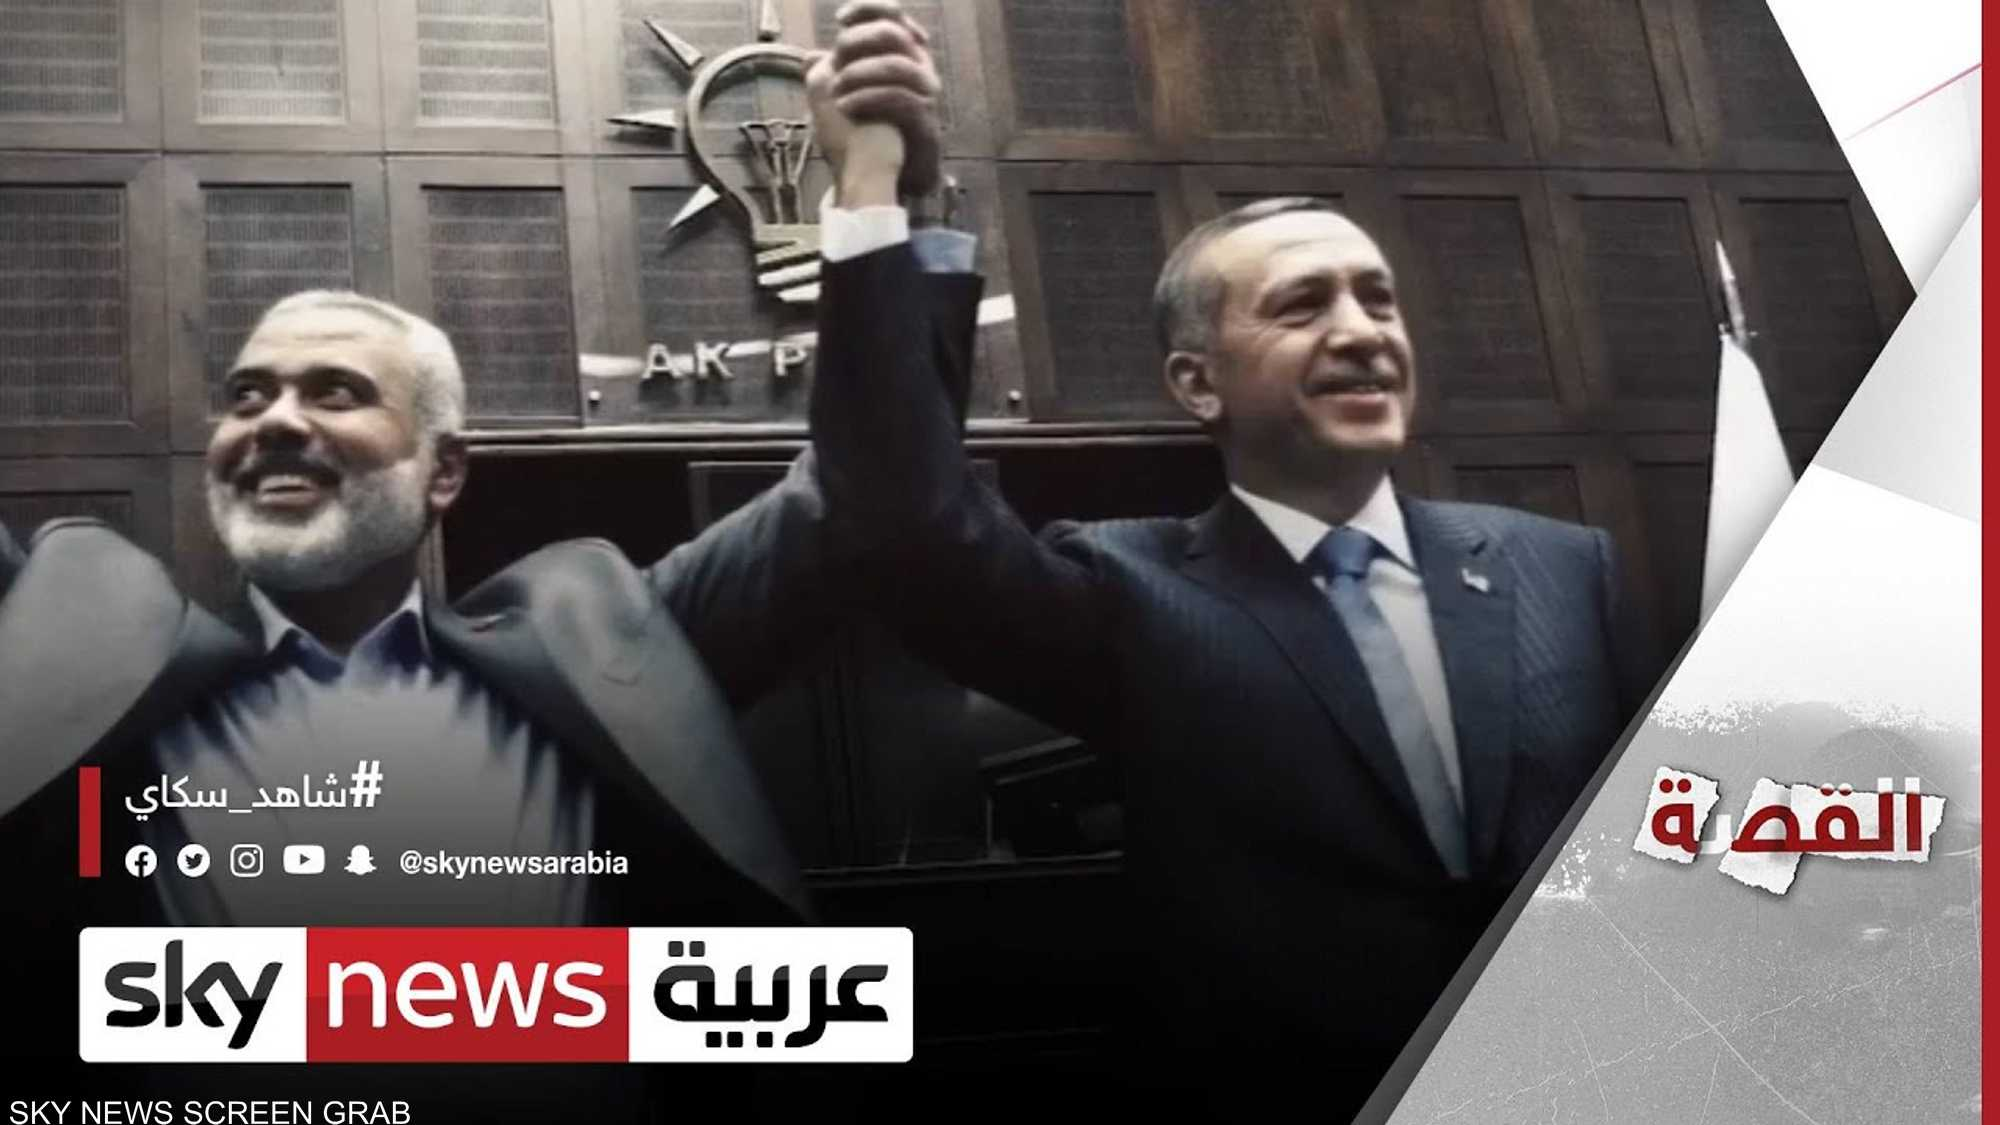 كيف تاجرت تركيا بالقضية الفلسطينية؟